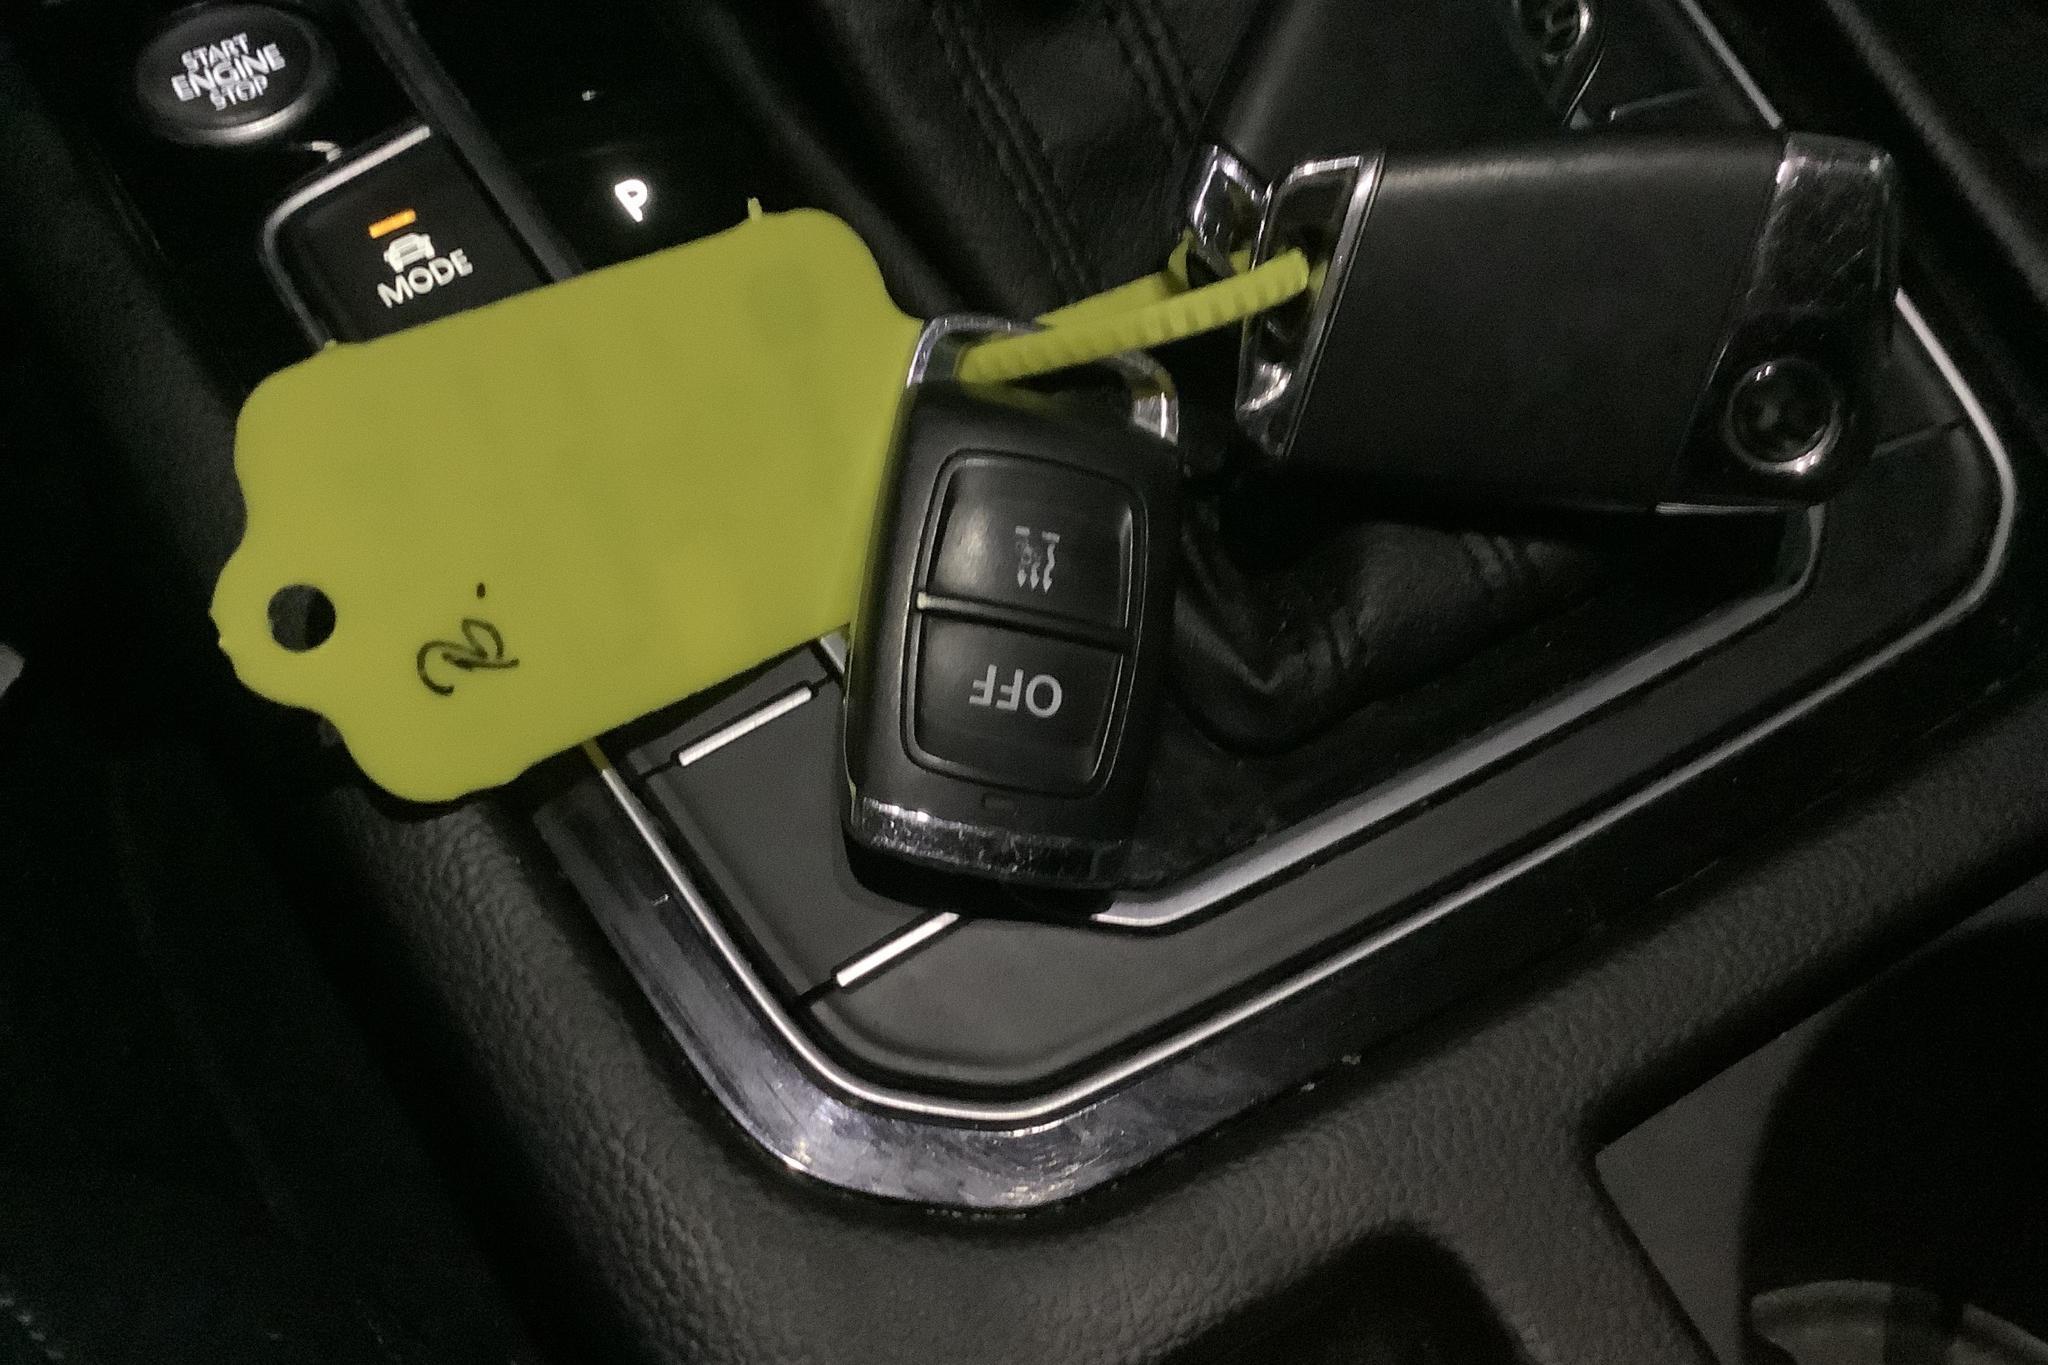 VW Passat 2.0 TDI Sportscombi 4MOTION (190hk) - 13 740 mil - Automat - vit - 2017